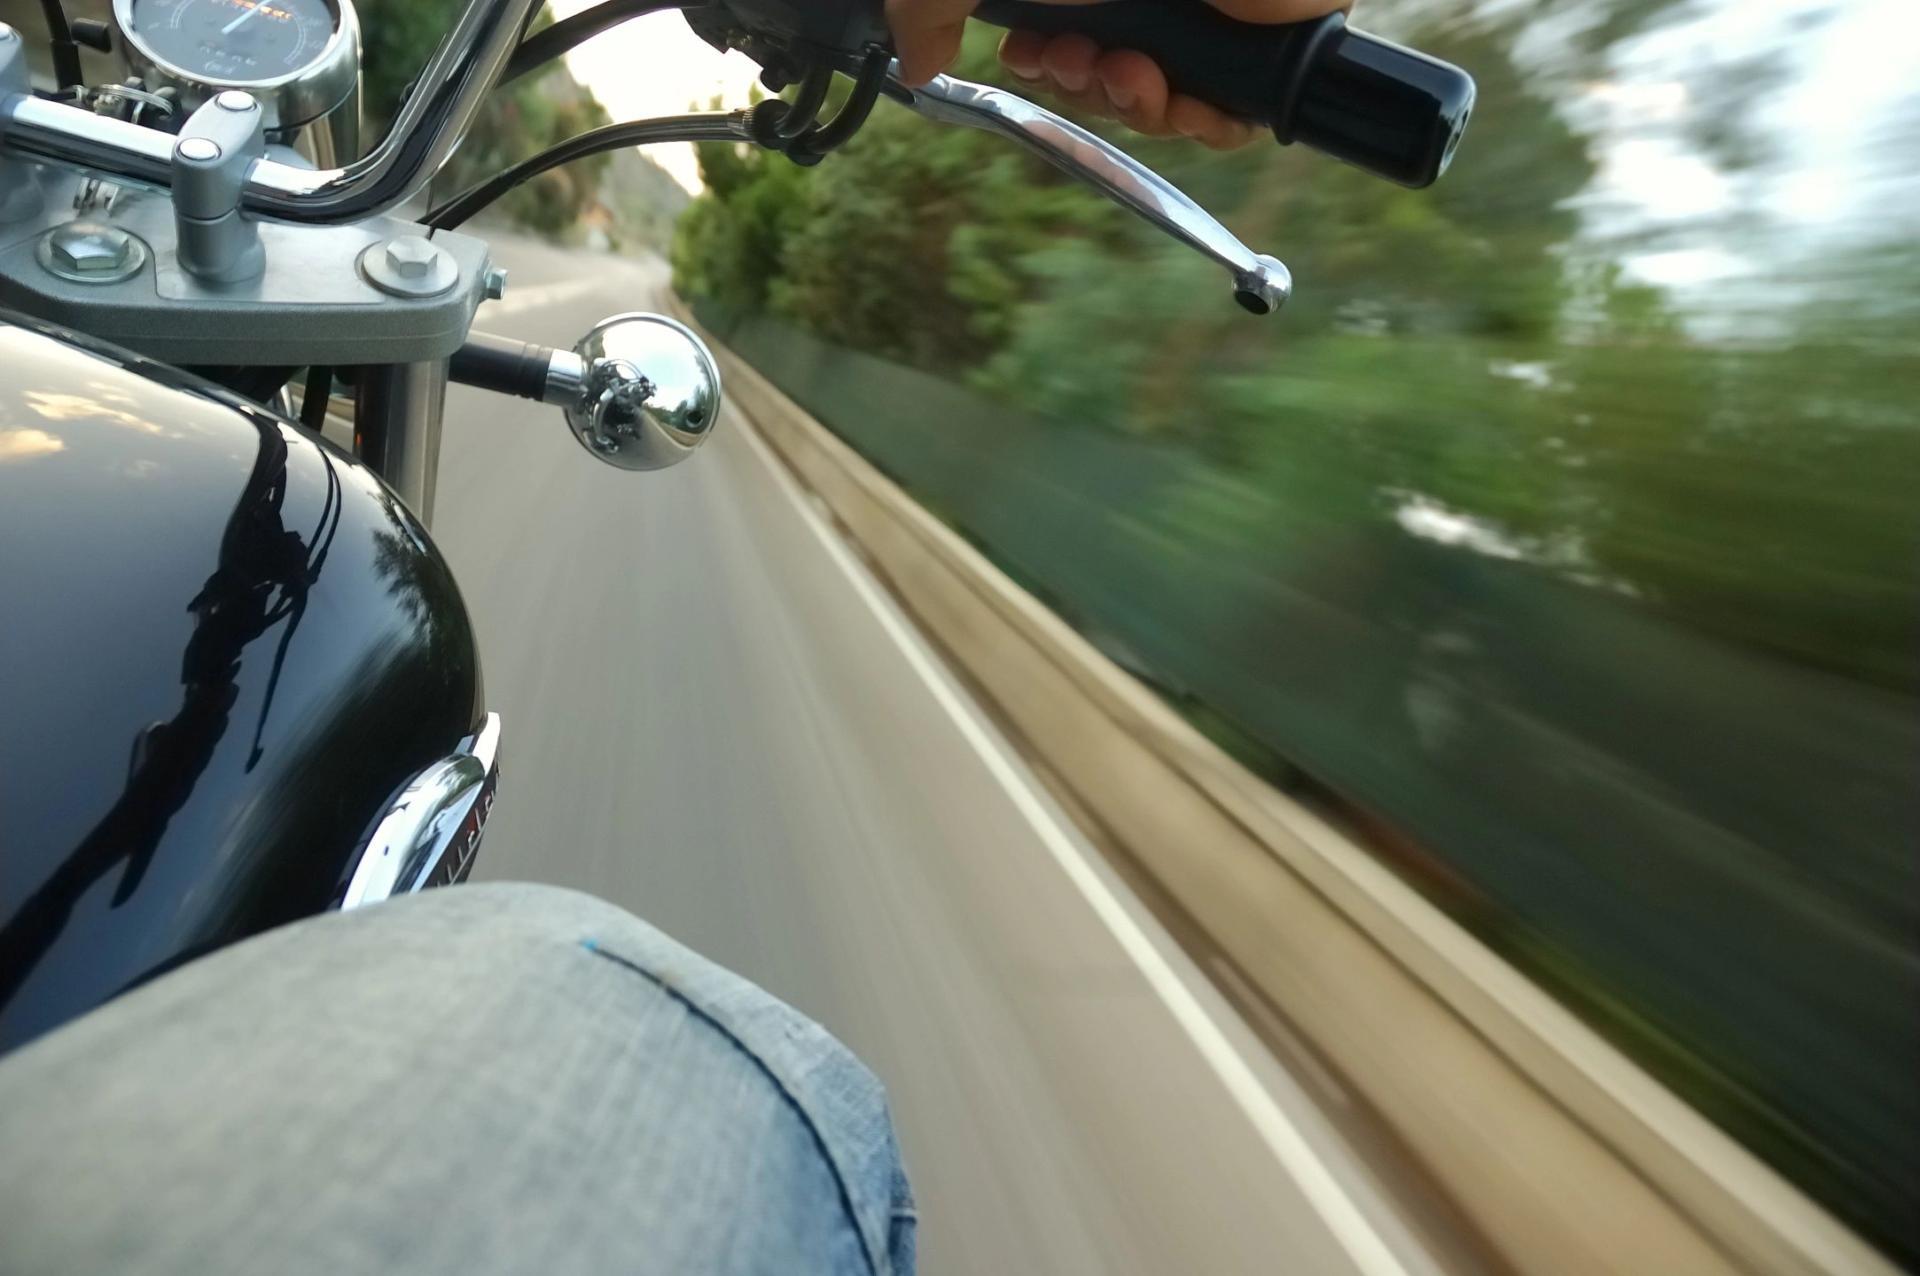 Los accidentes de motocicleta son más comunes de lo que piensa